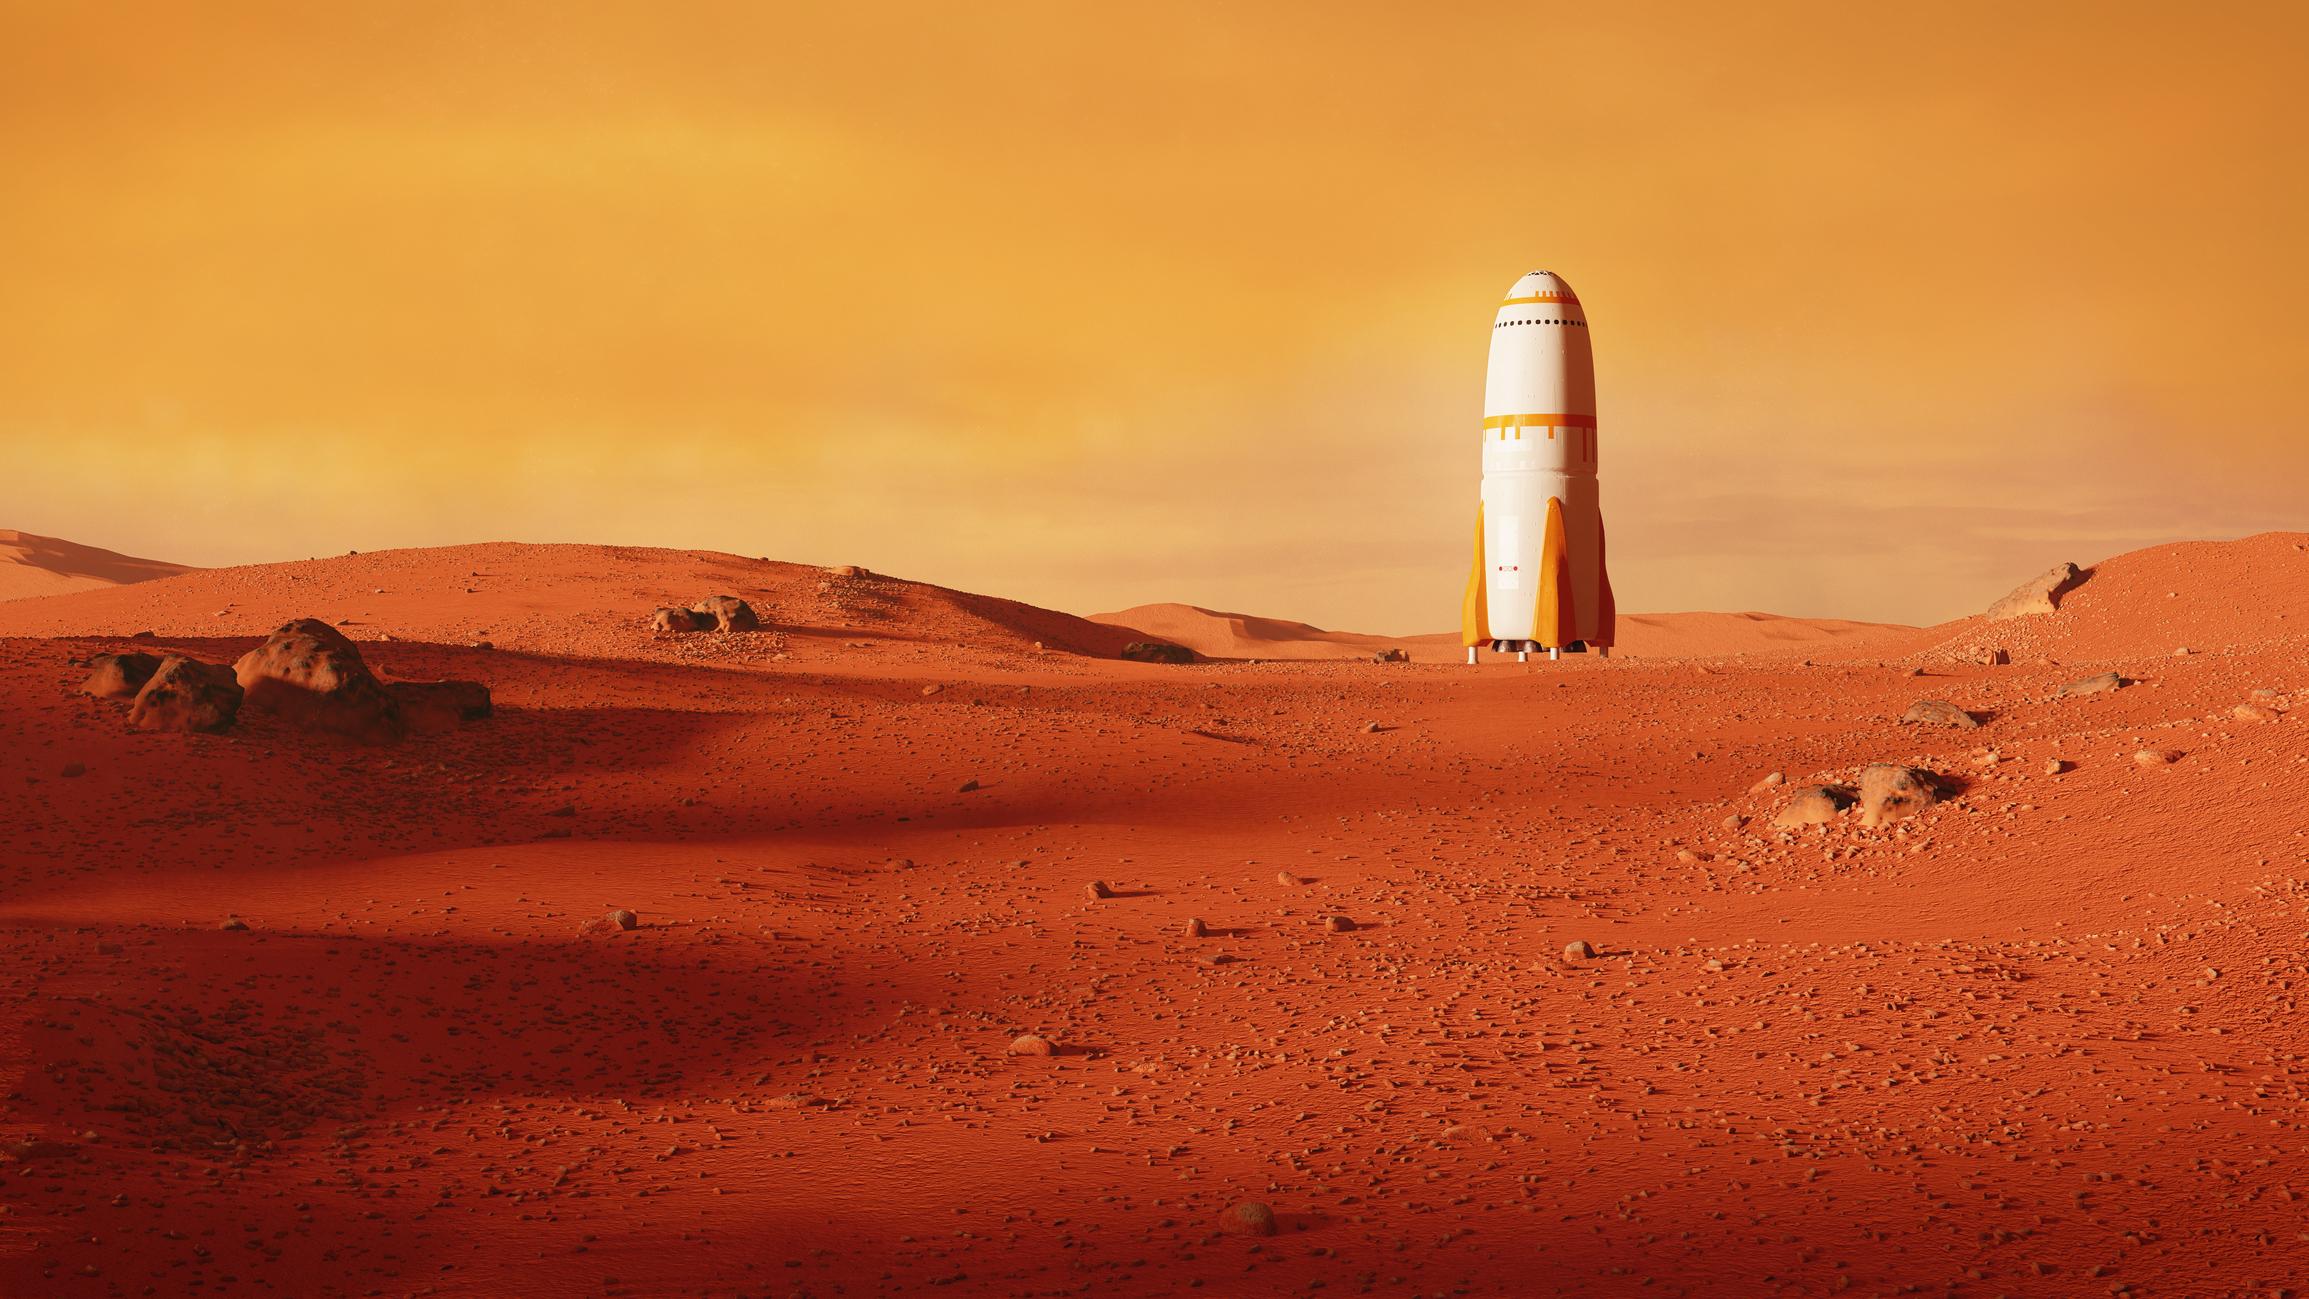 Mars market cap